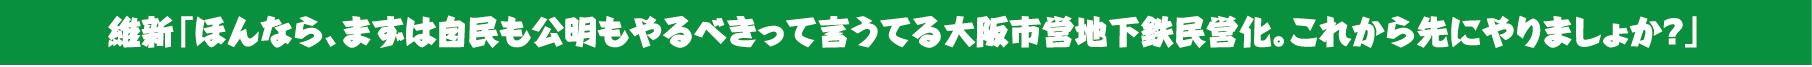 スクリーンショット 2014-11-01 17.20.01